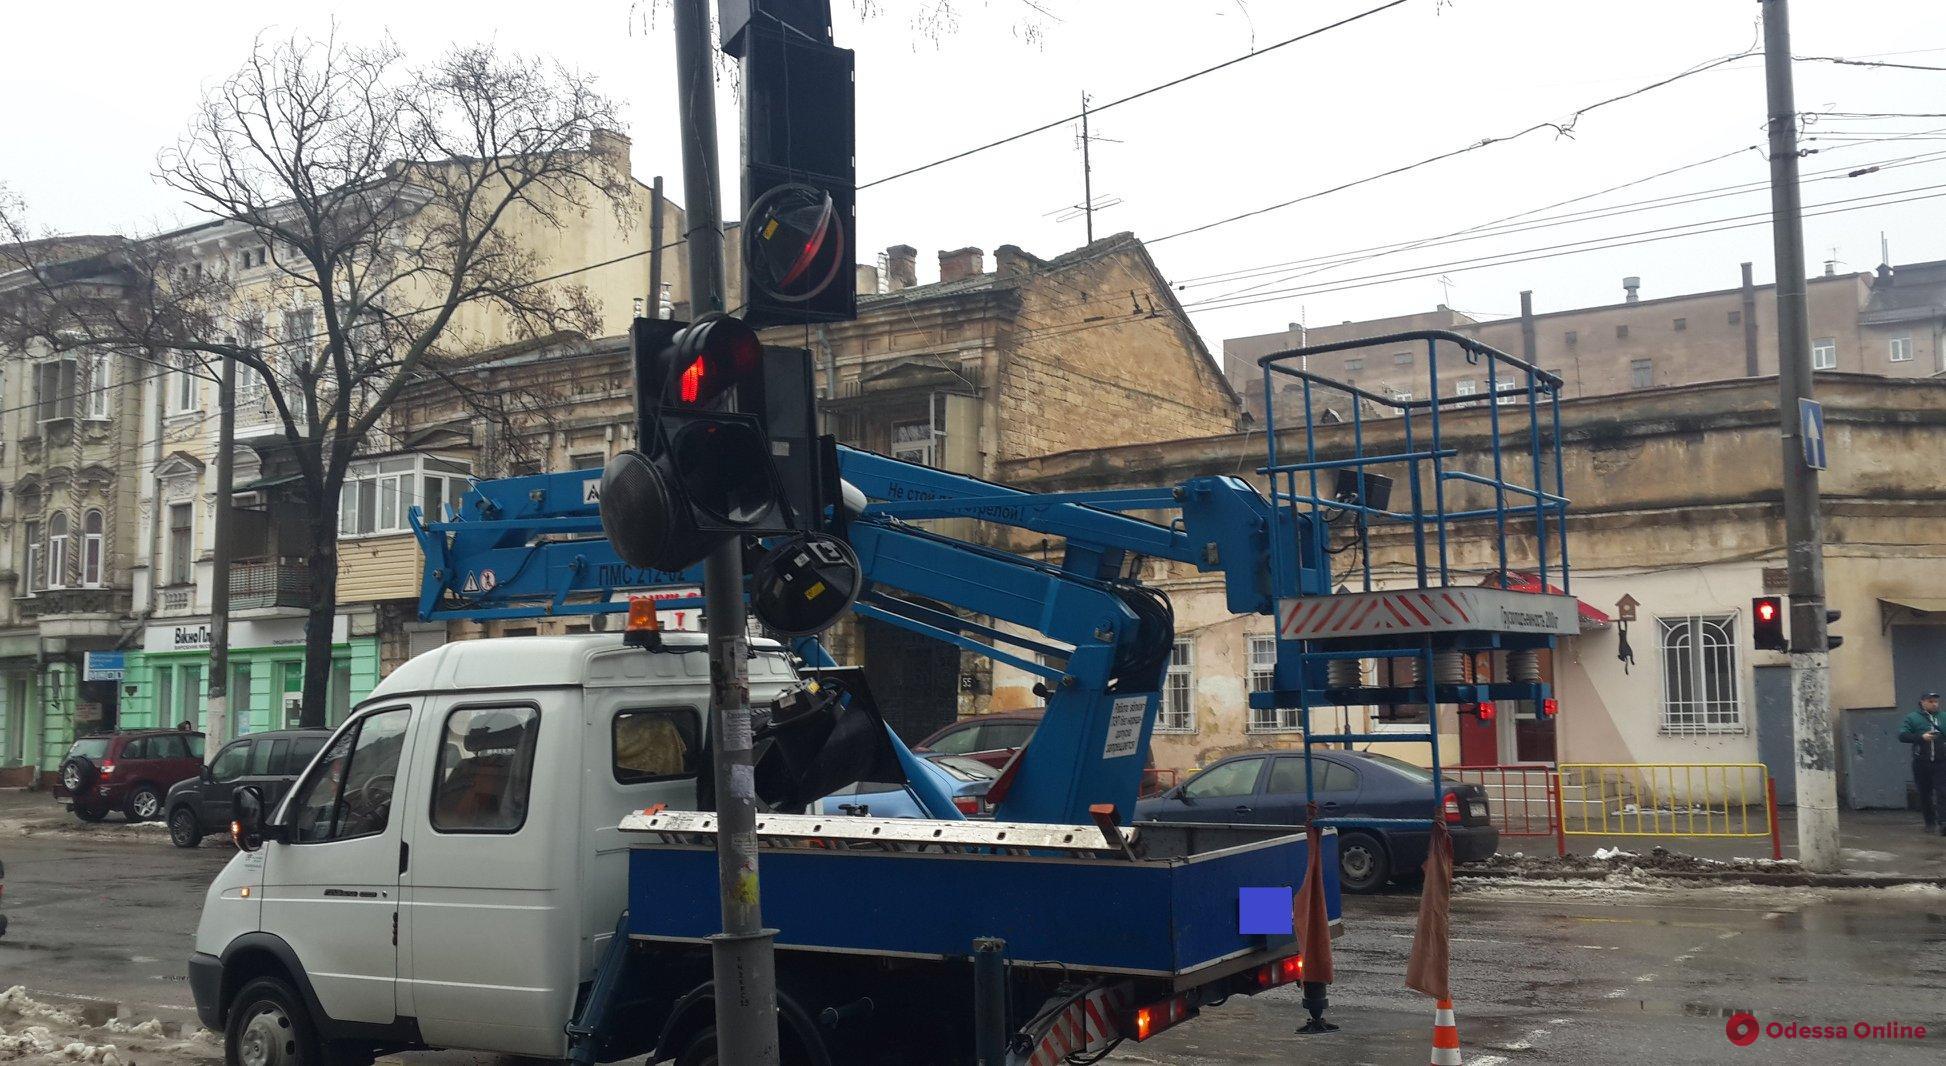 Одесса: на оживленном перекрестке в центре города восстановили работу светофора